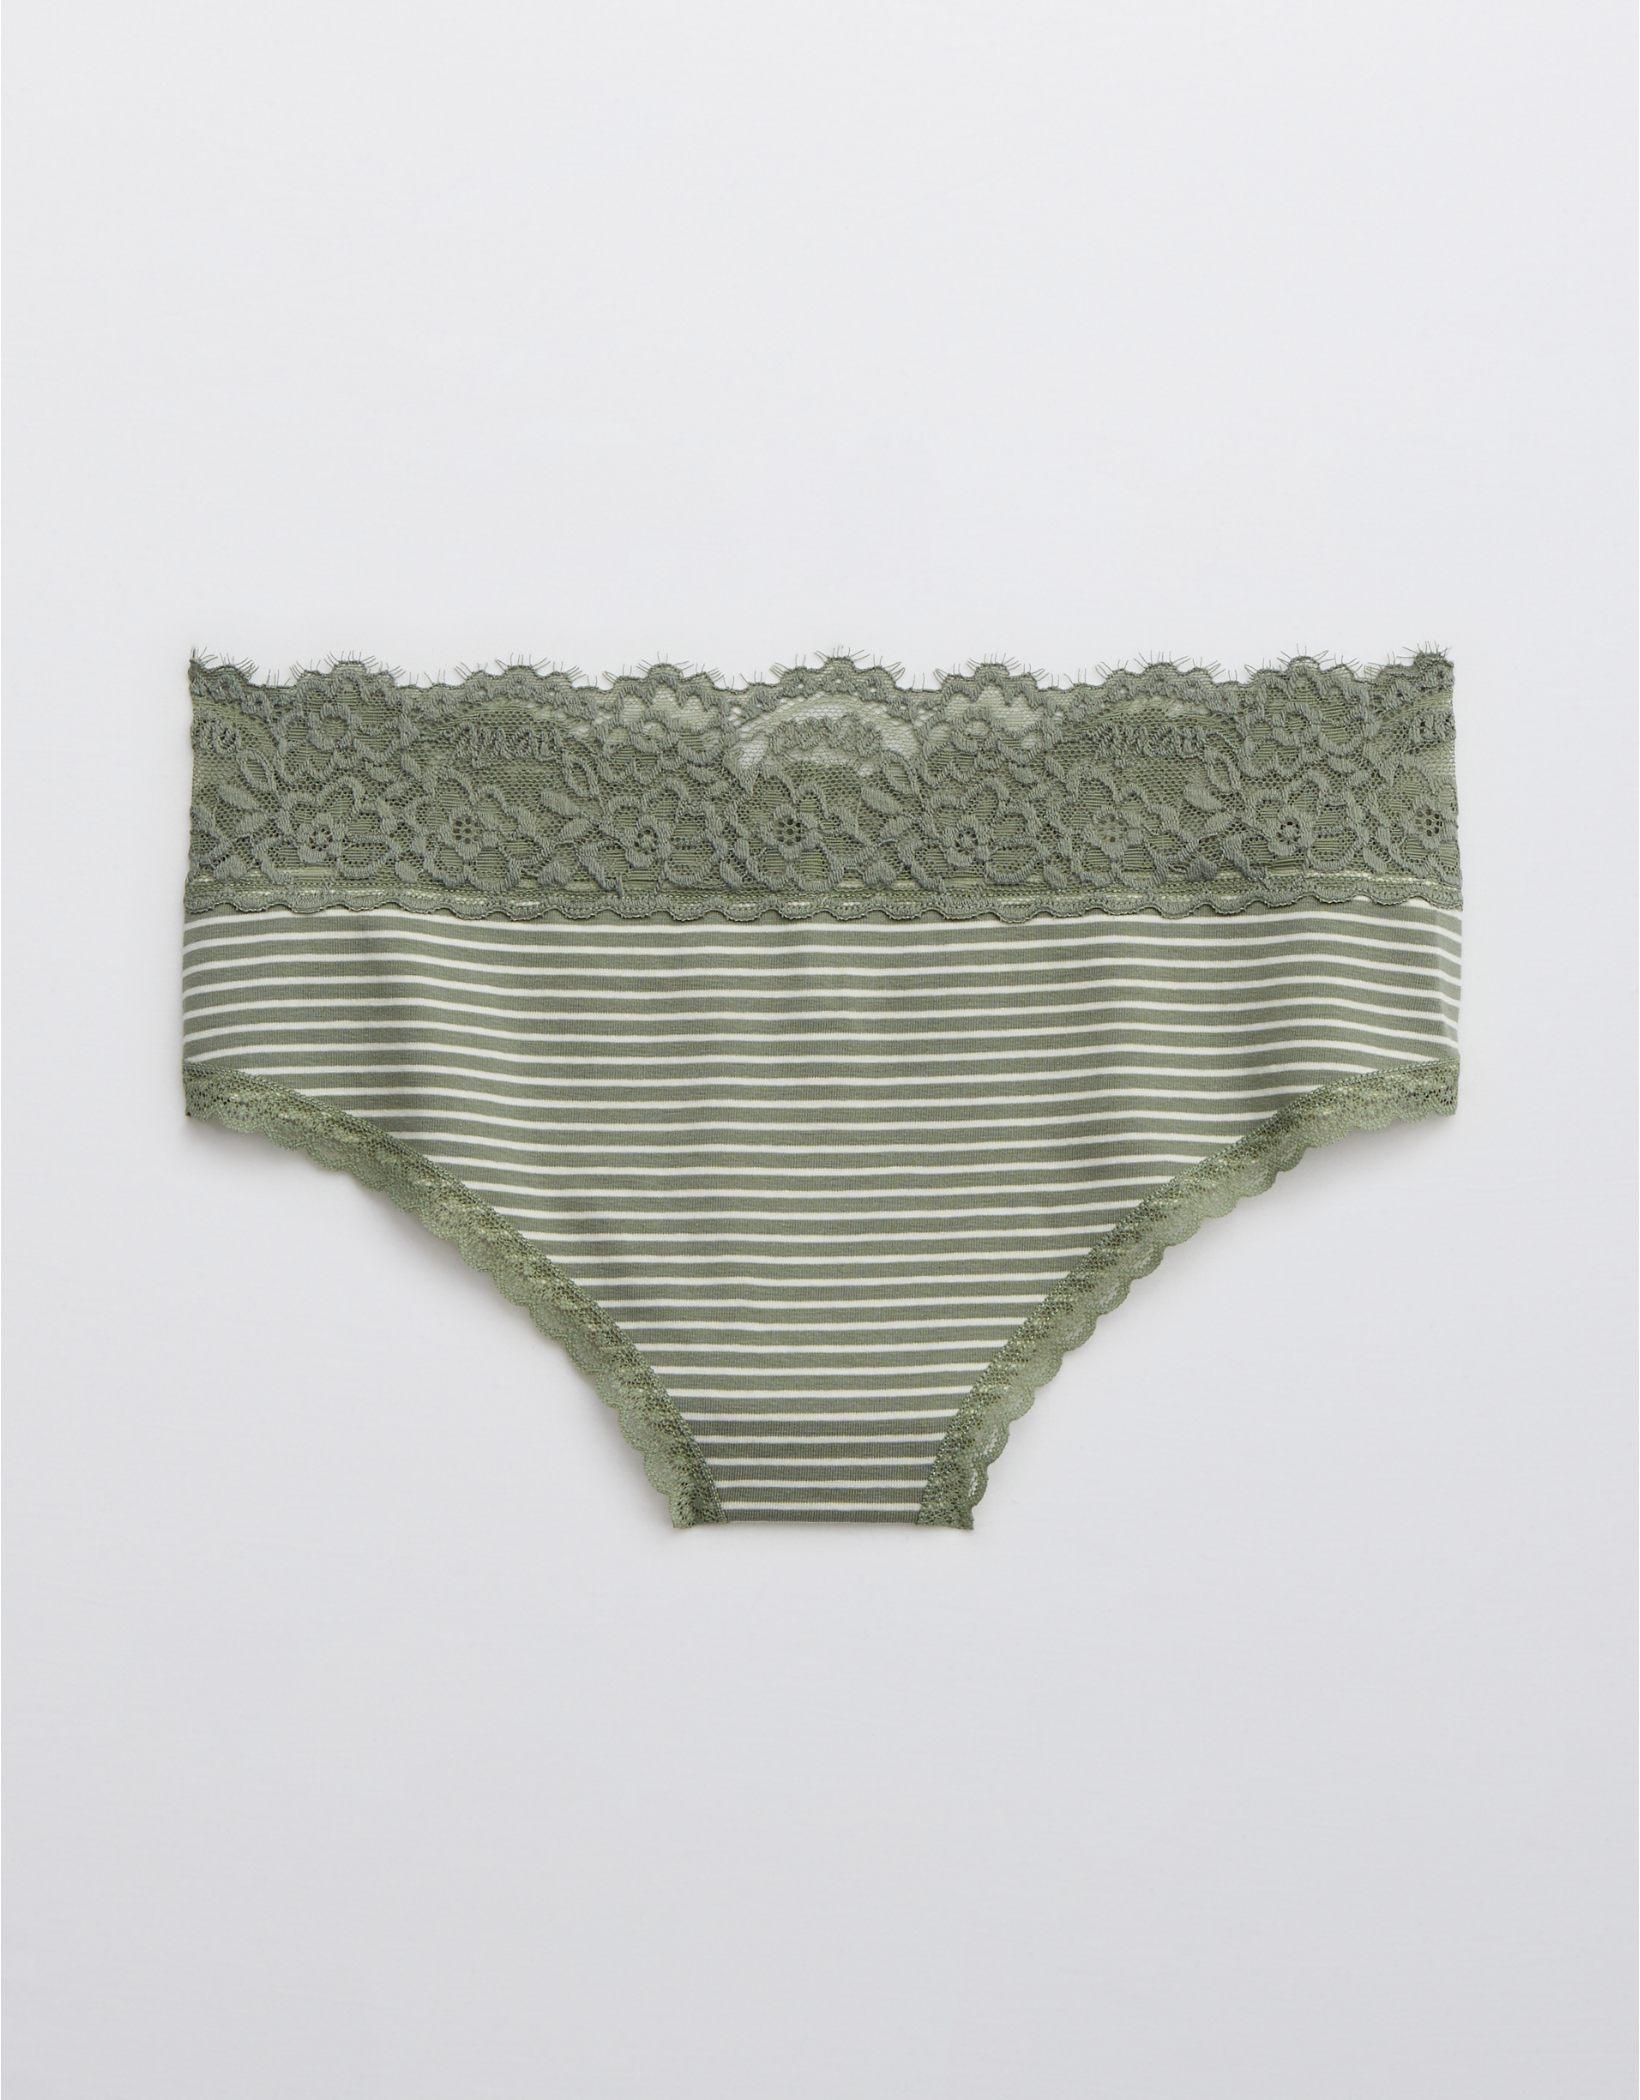 Aerie Cotton Eyelash Lace Cheeky Underwear